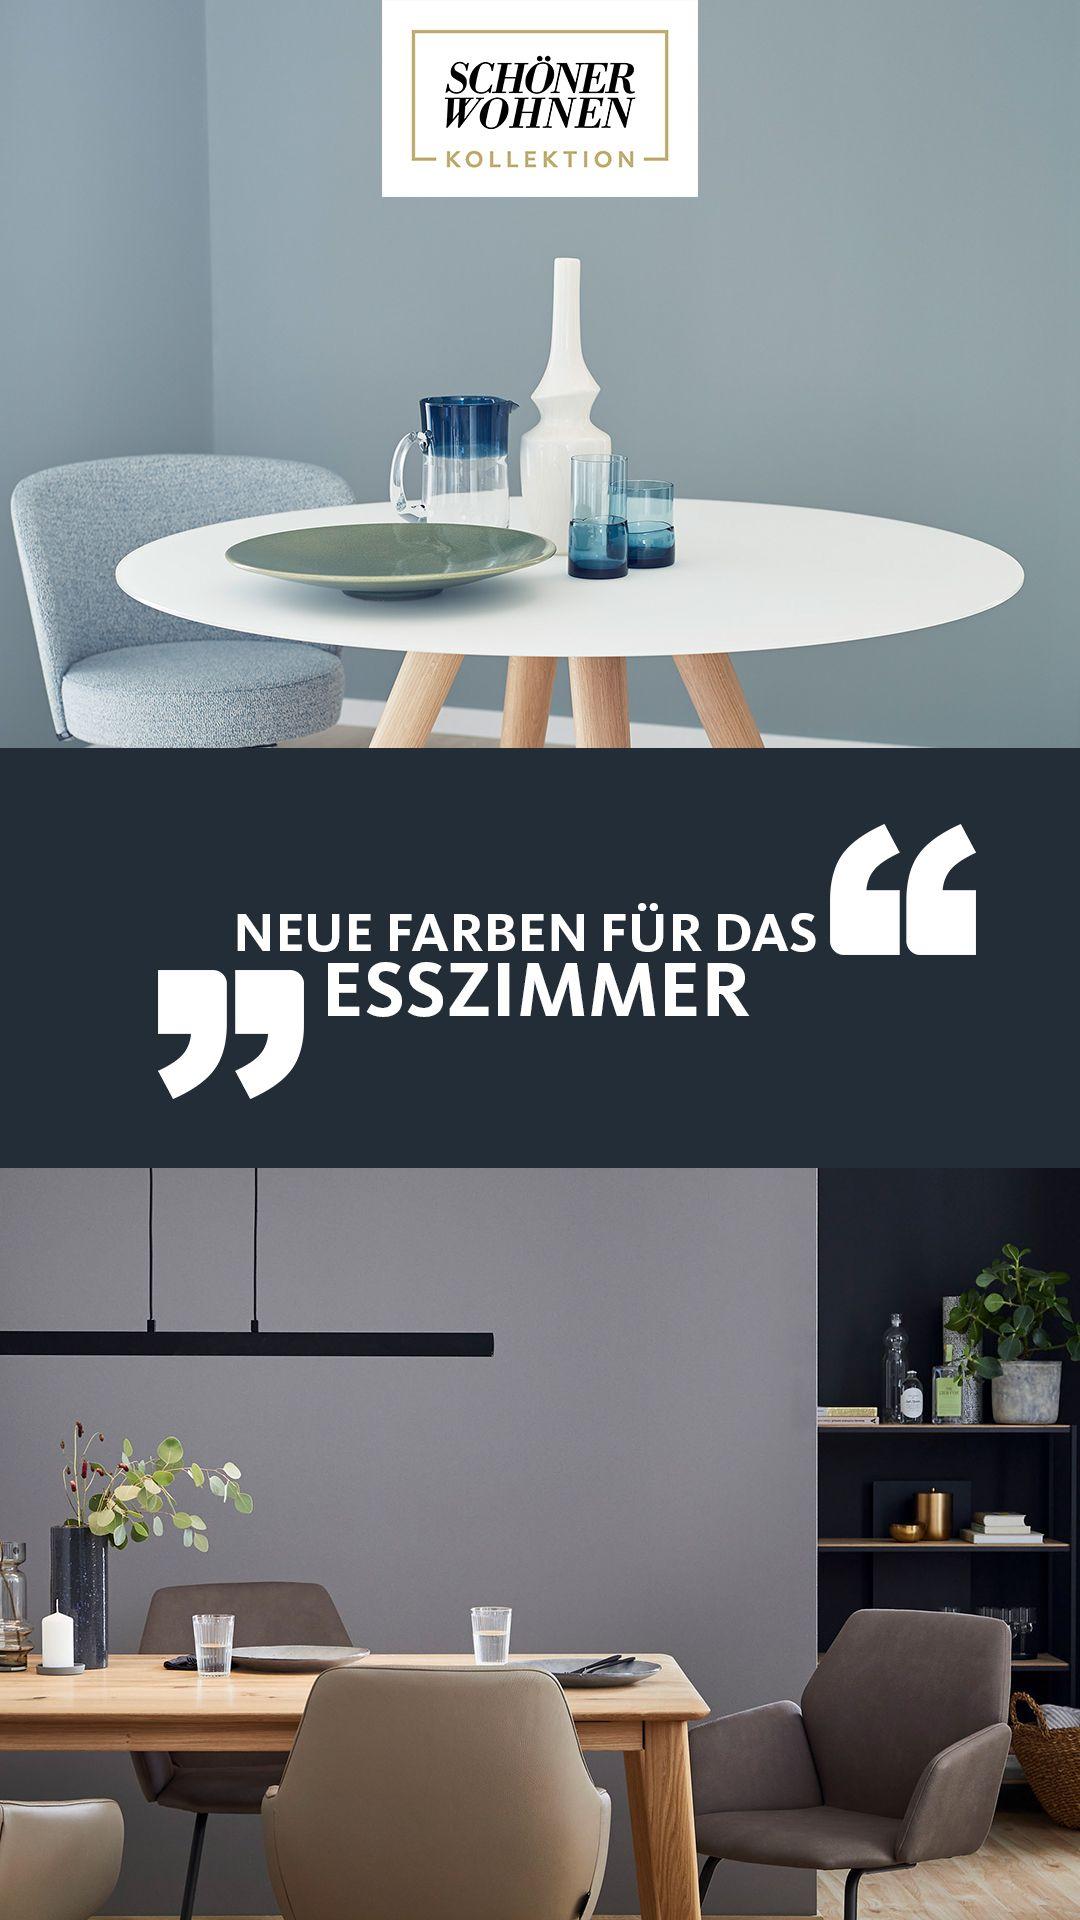 Esszimmer Farben Esstisch Einrichten Wandfarben Blau Grau Schoner Wohnen Kollektion In 2020 Wohnen Schoner Wohnen Farbe Schoner Wohnen